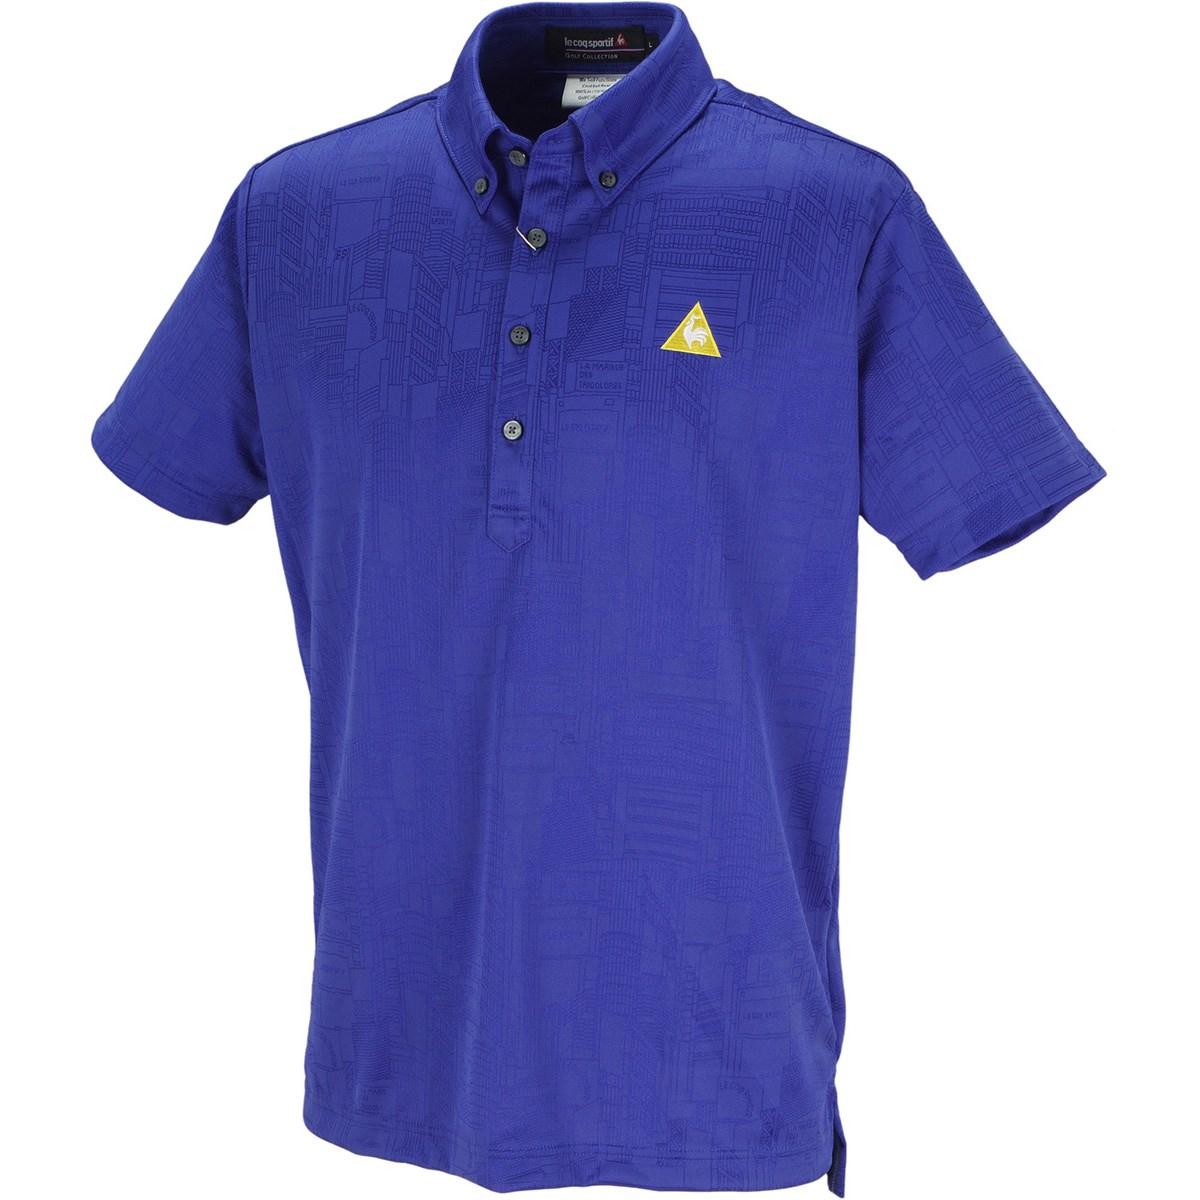 ルコックゴルフ Le coq sportif GOLF シティハイゲージジャガード 半袖ポロシャツ M ブルー 00